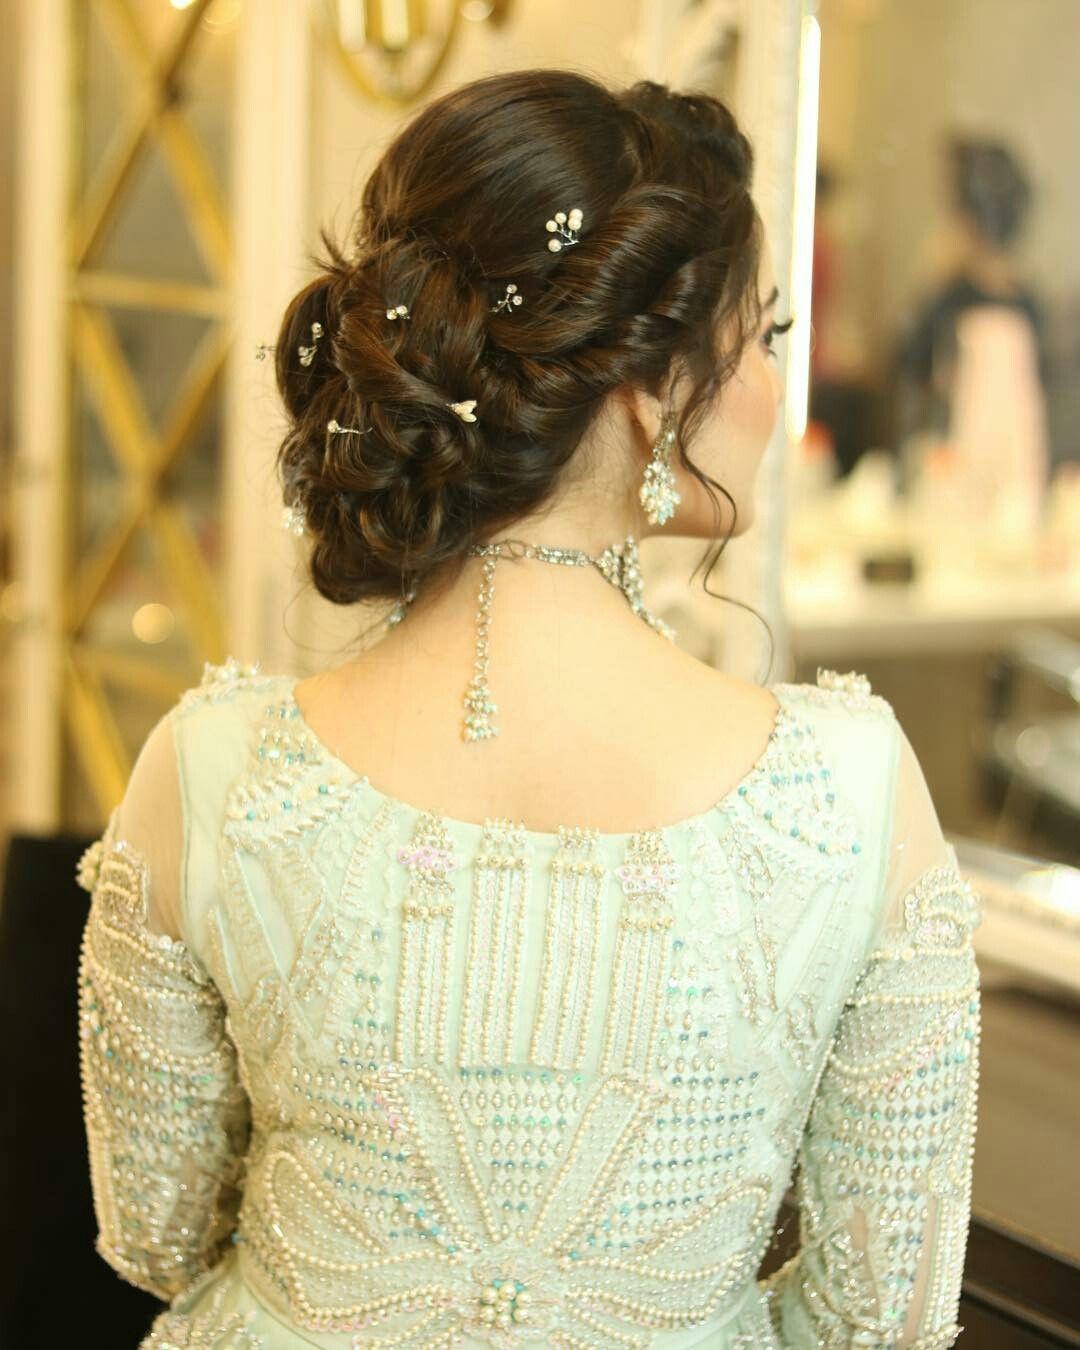 Gorgeous Bridal Hairstyle Bridal Hair Buns Bun Hairstyles For Long Hair Hair Styles